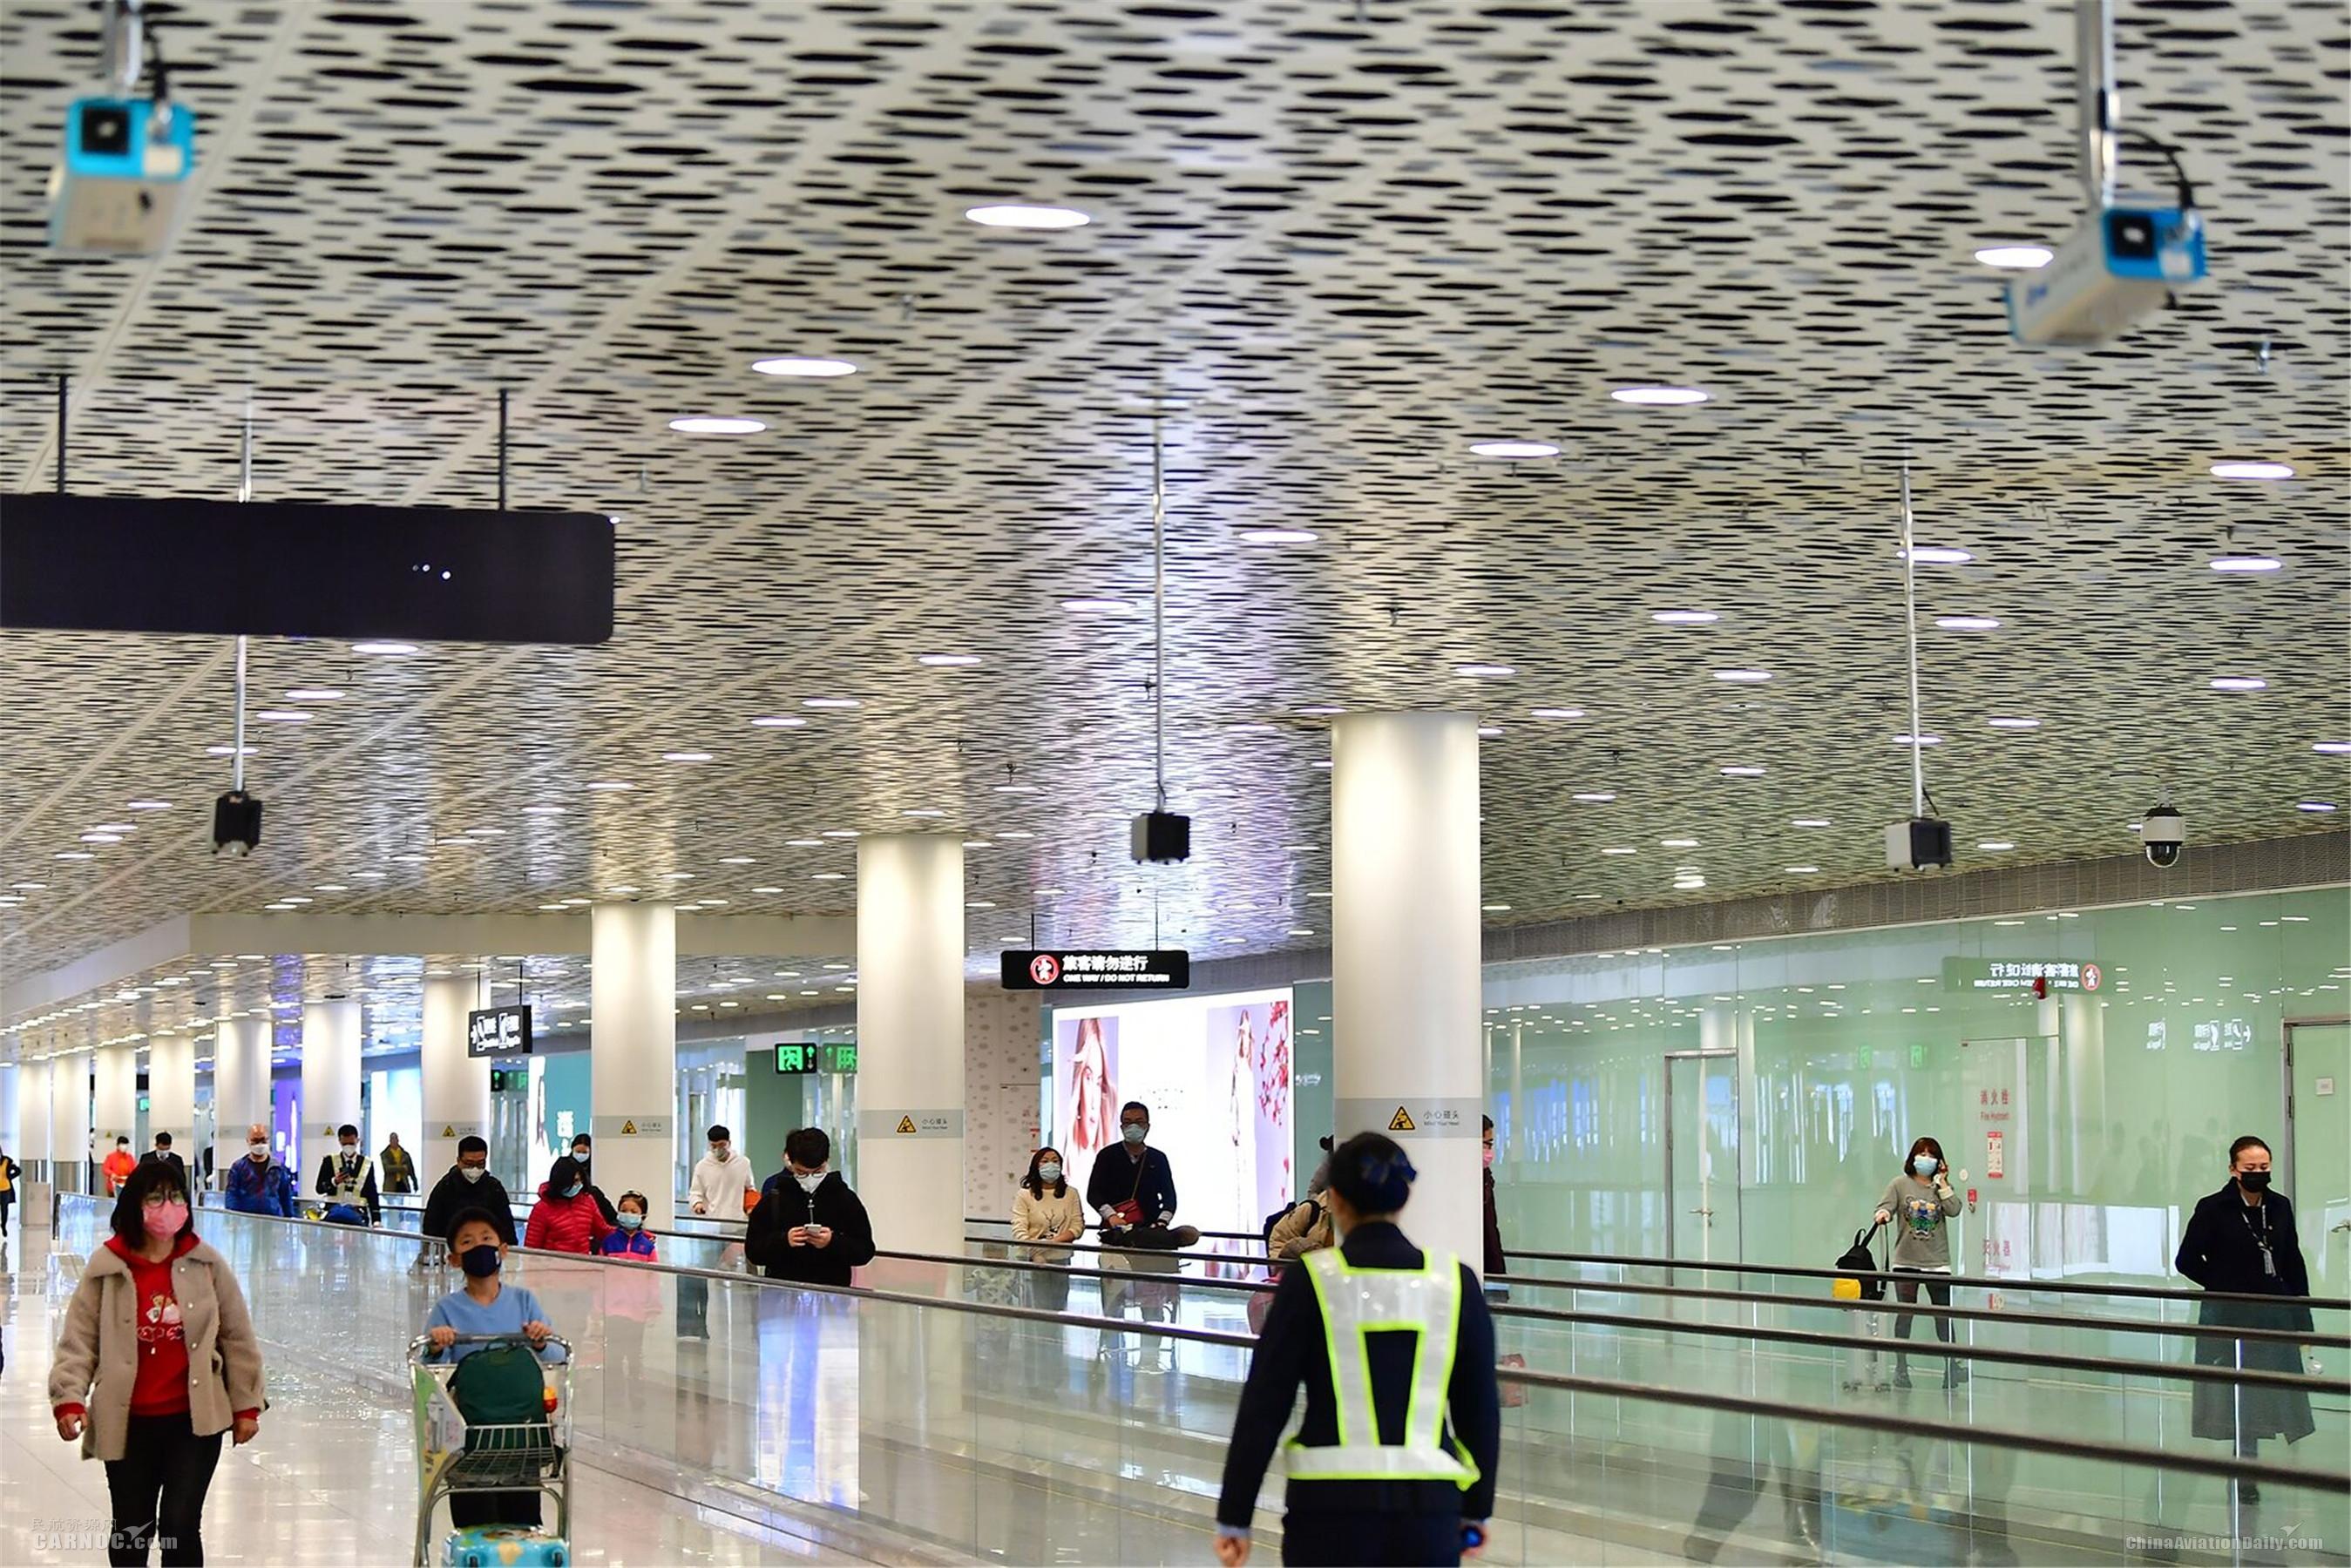 深圳机场借助科技手段让疫情防控更精准